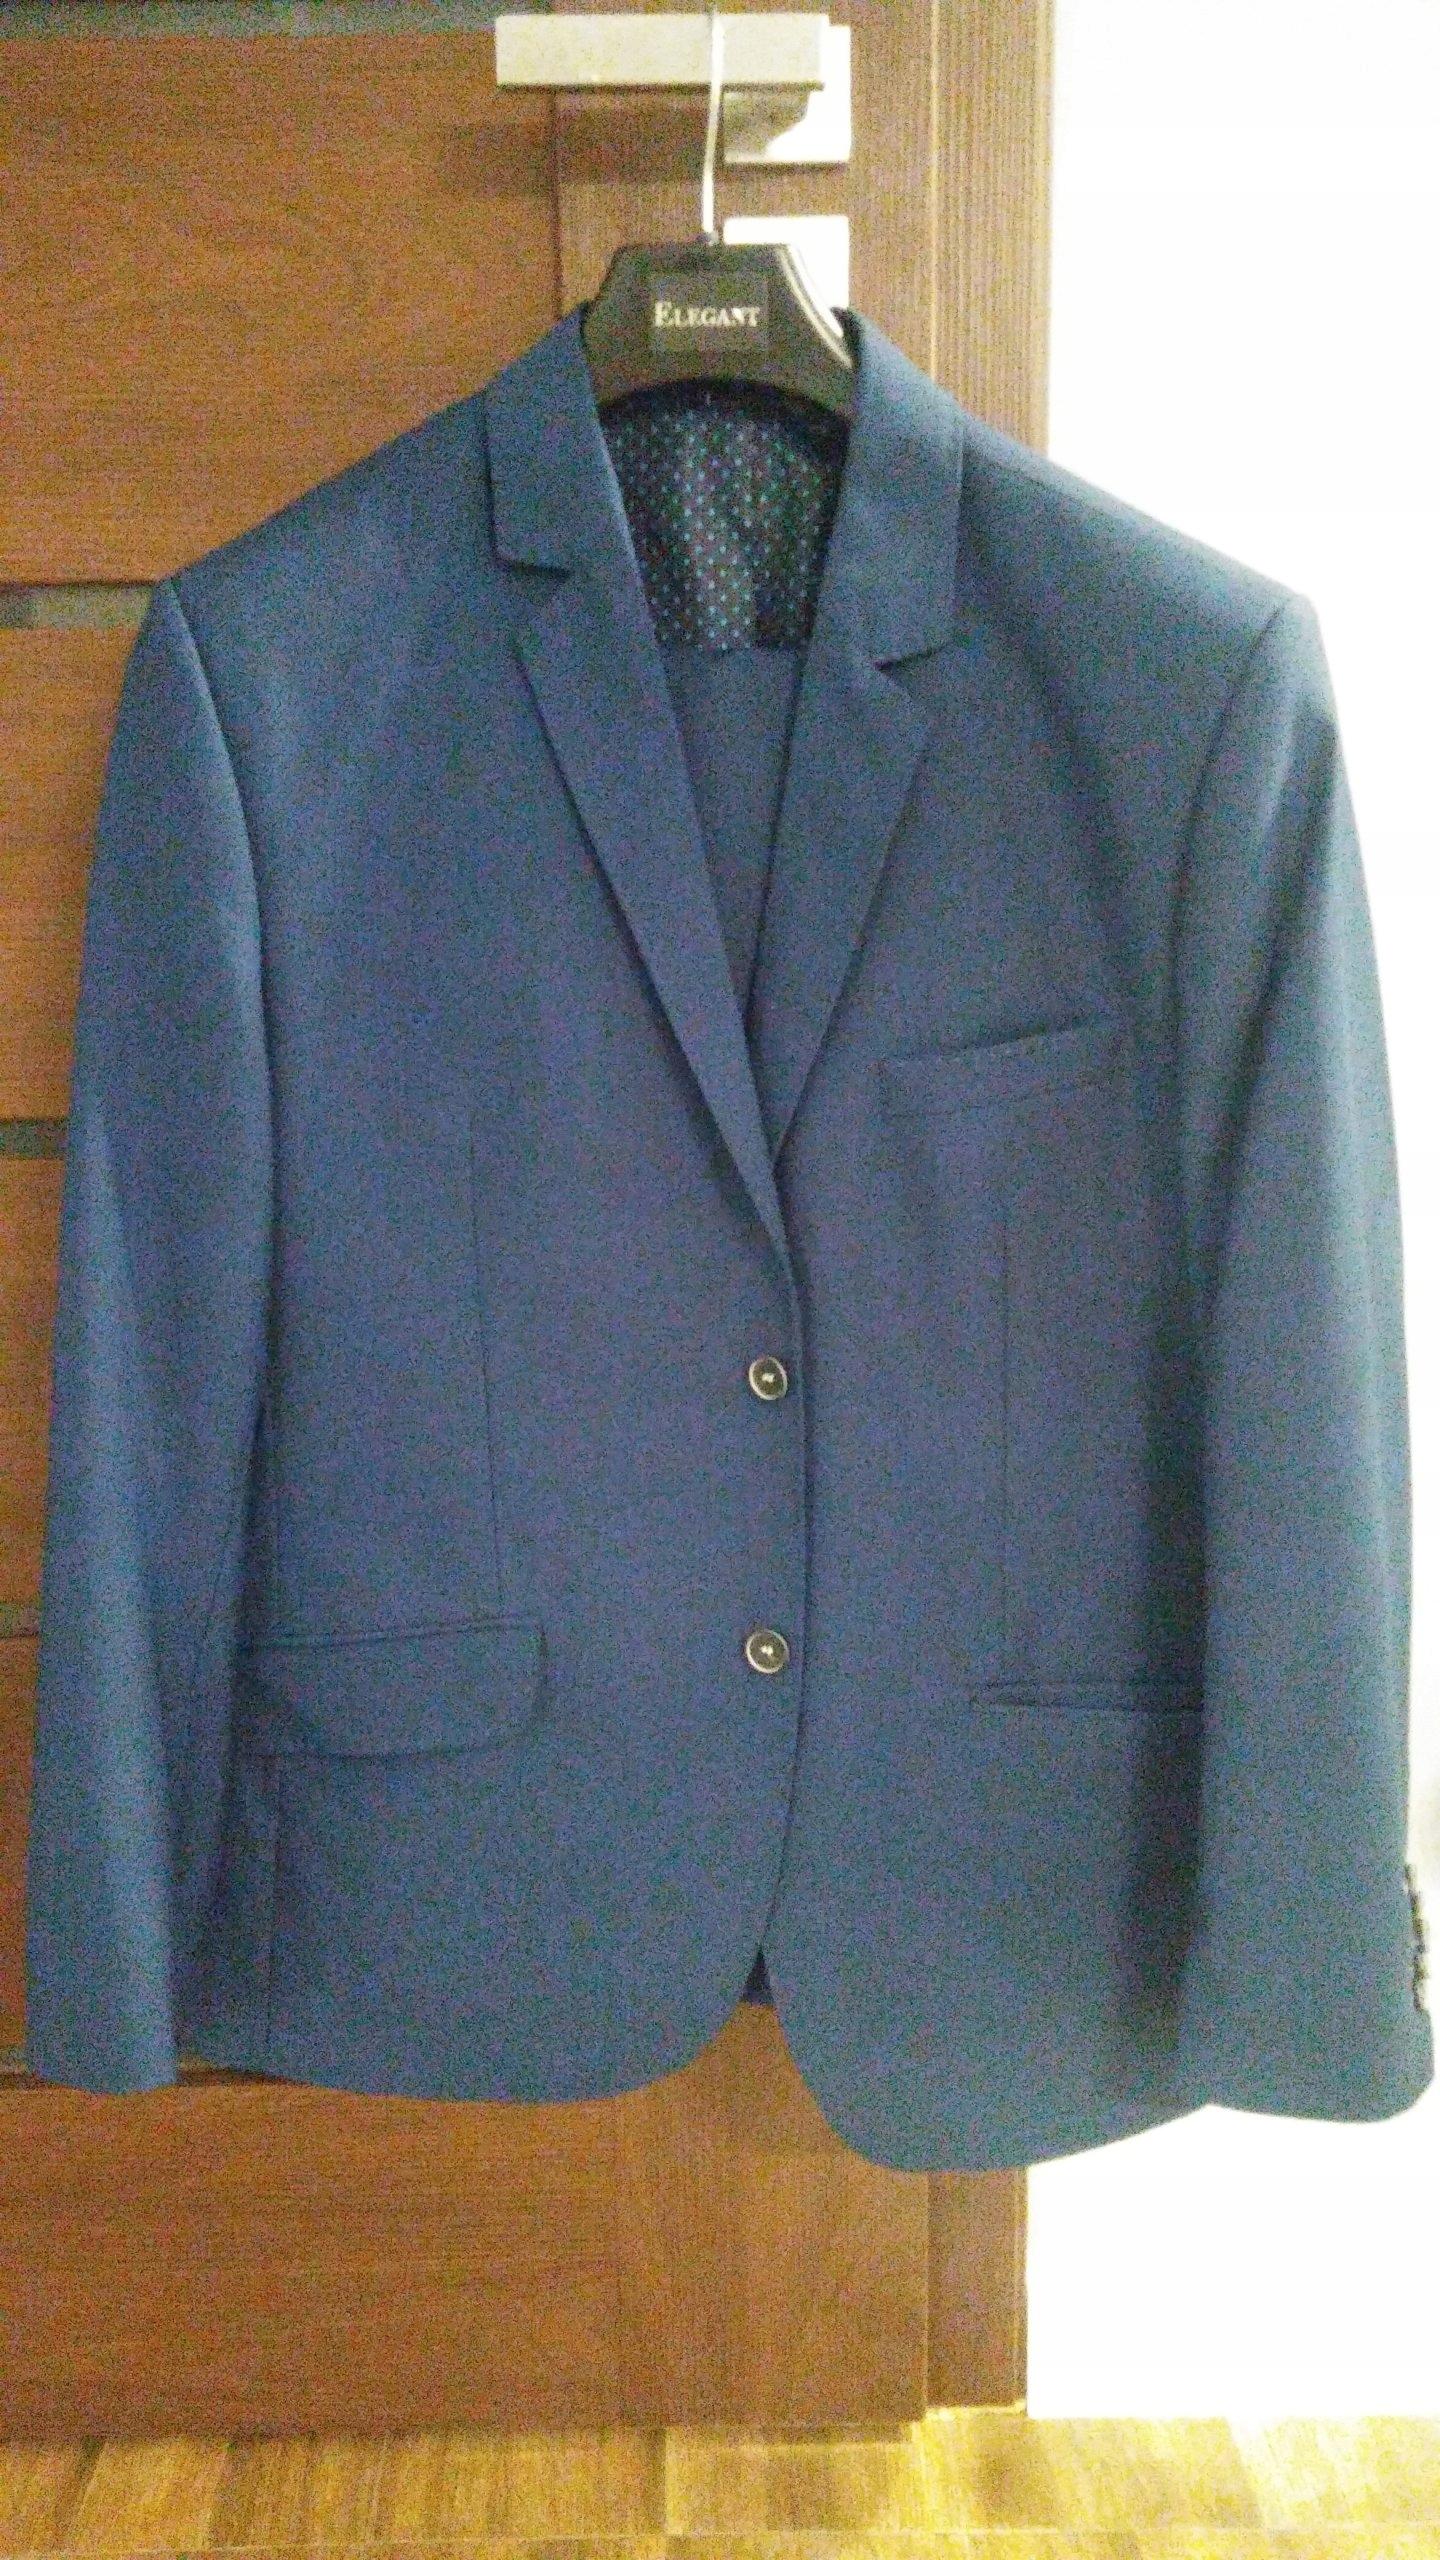 35414e70e0a45 Garnitur! Lansier Men's Fashion, rozmiar 52/176/94 - 7550039841 ...